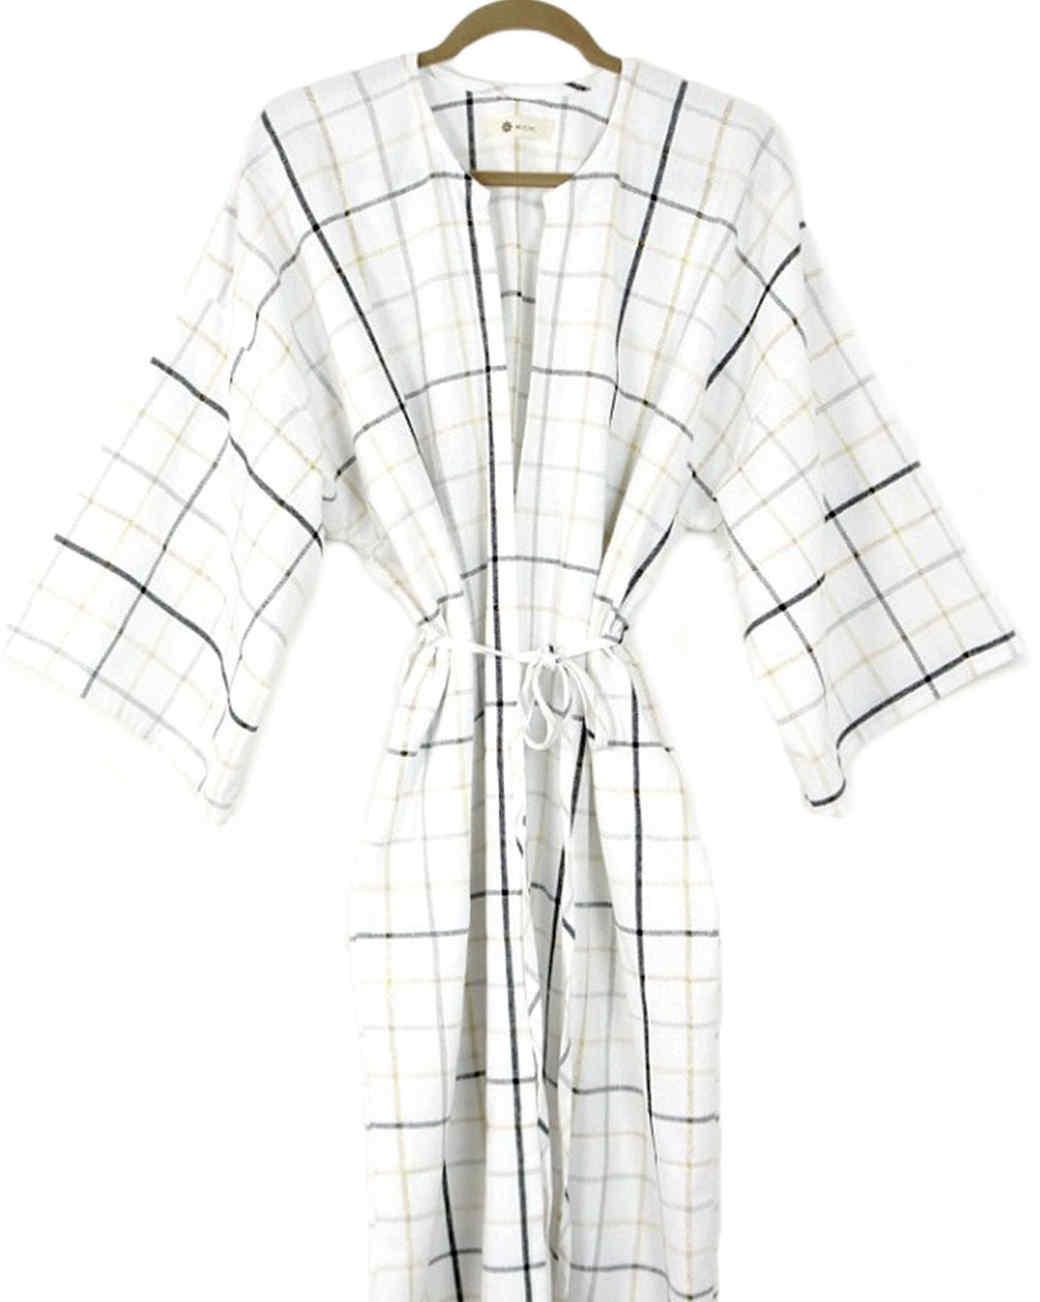 Accompany's kimono robe